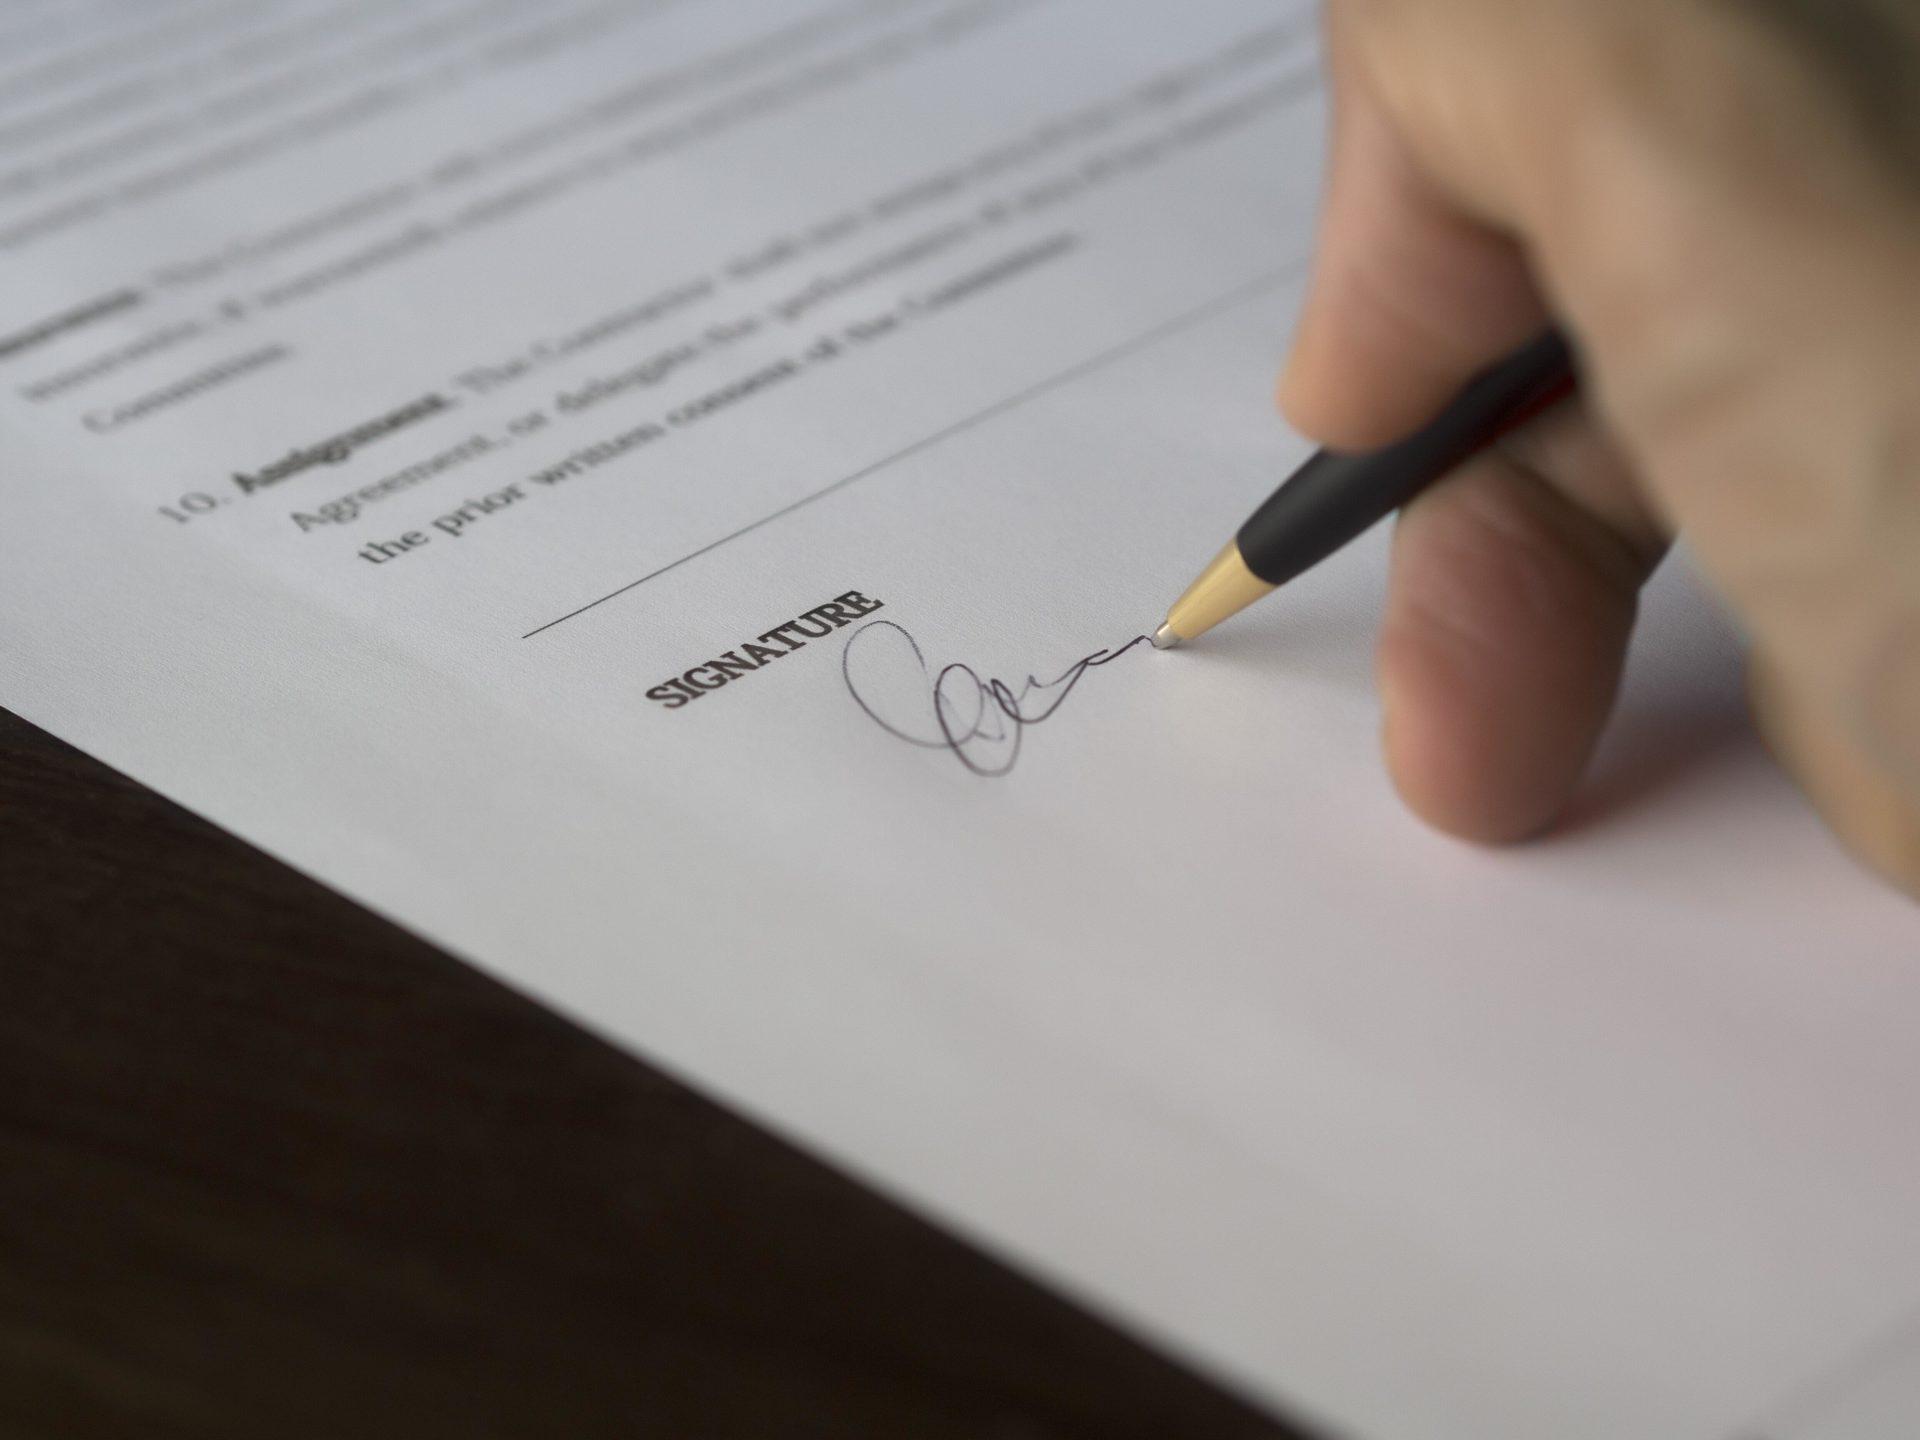 un client signe un mandat de vente immobilière à une agence après acceptation des honoraires